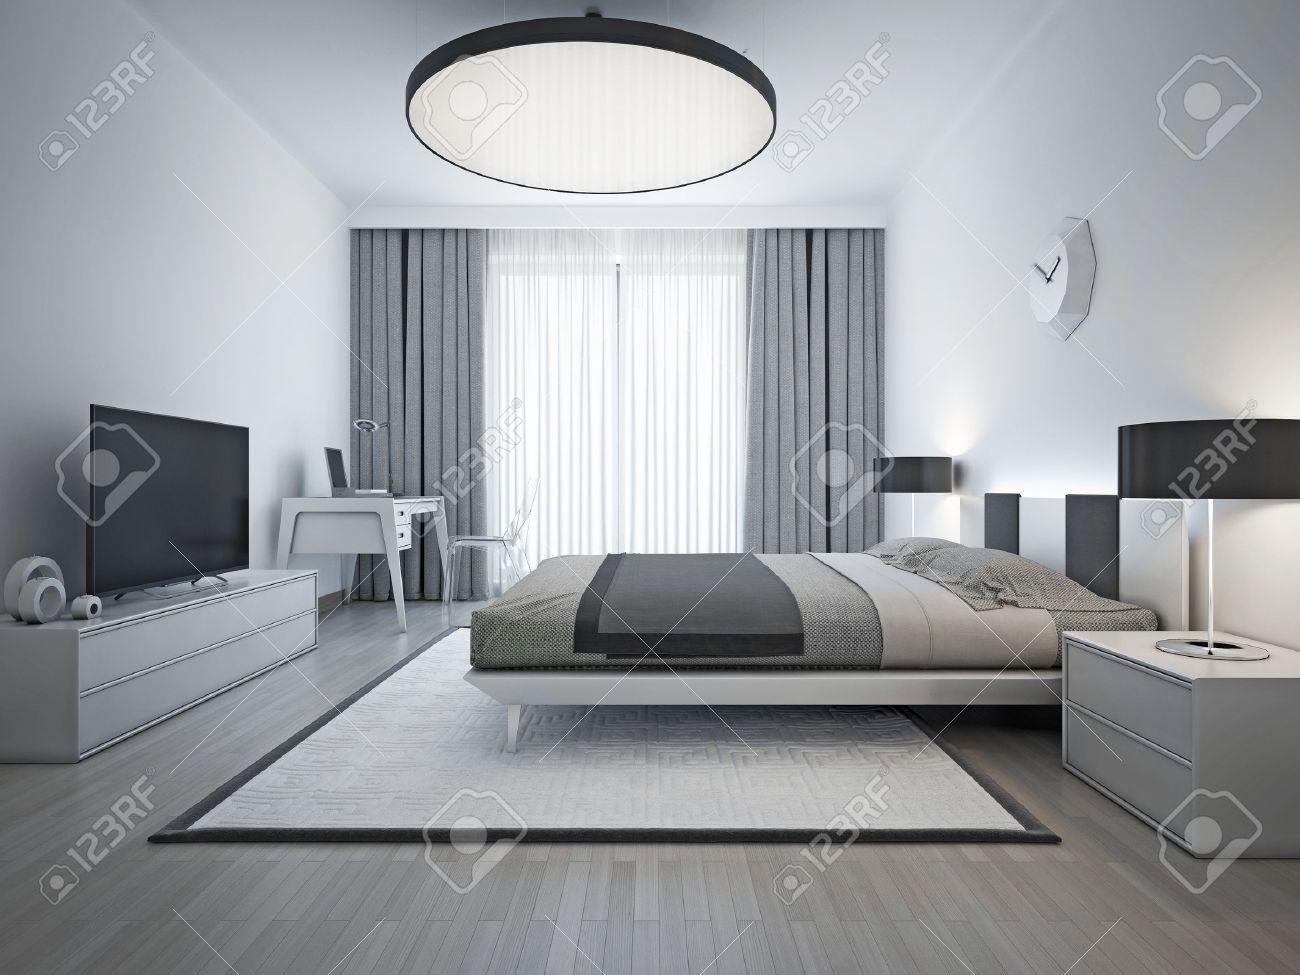 Camera Da Letto Contemporanea Bianca: Arredare una camera da letto ...